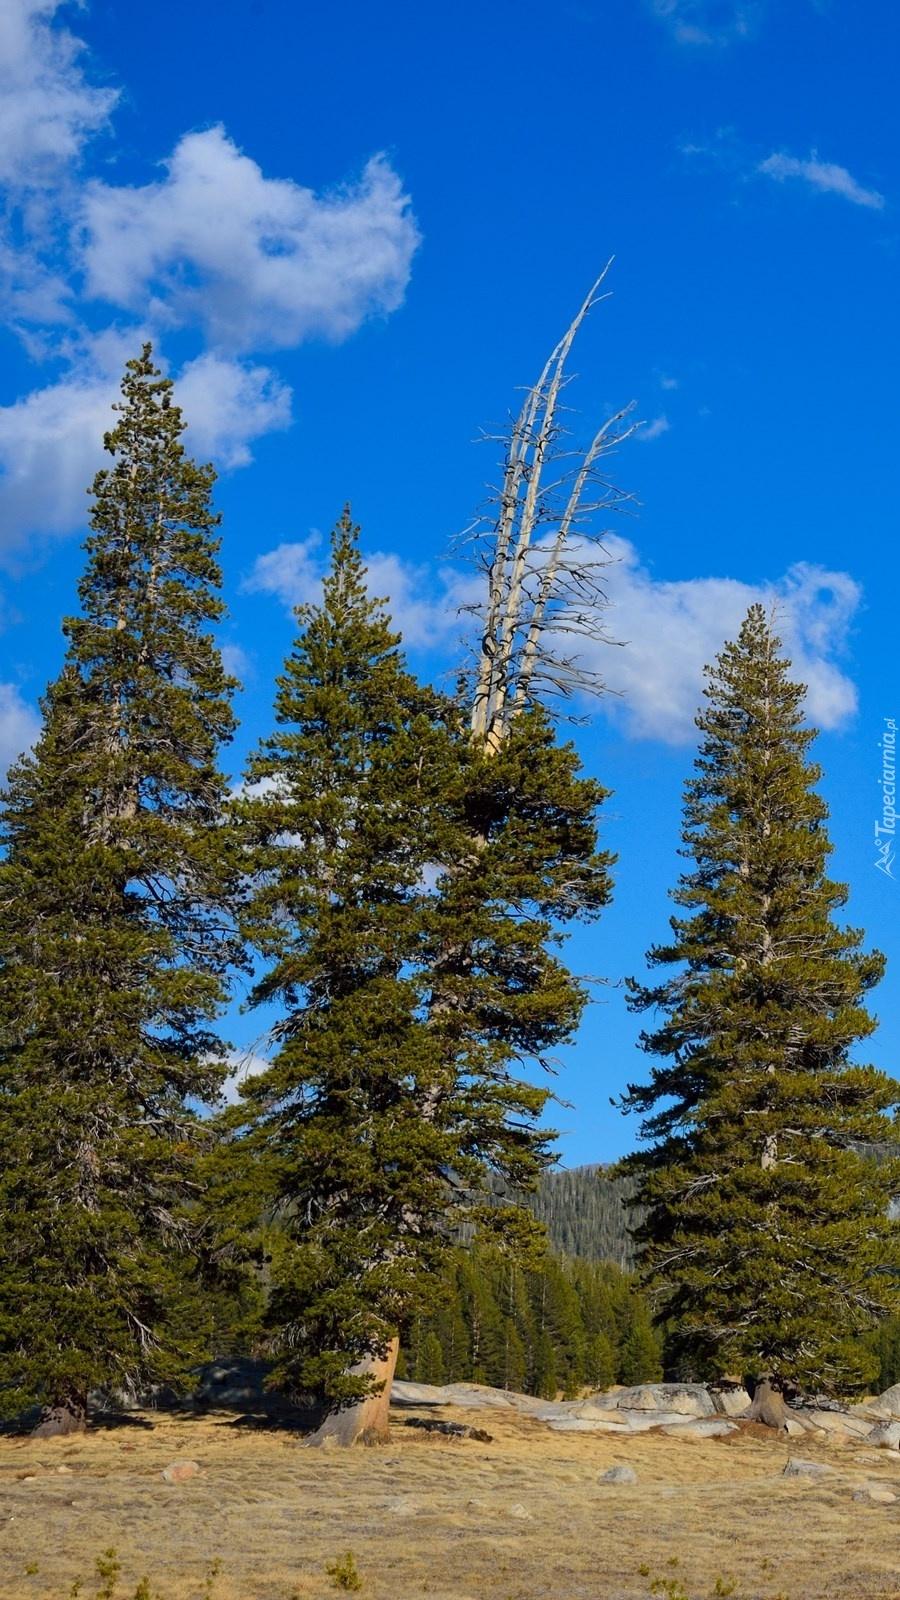 Drzewa w Parku Narodowym Yosemite